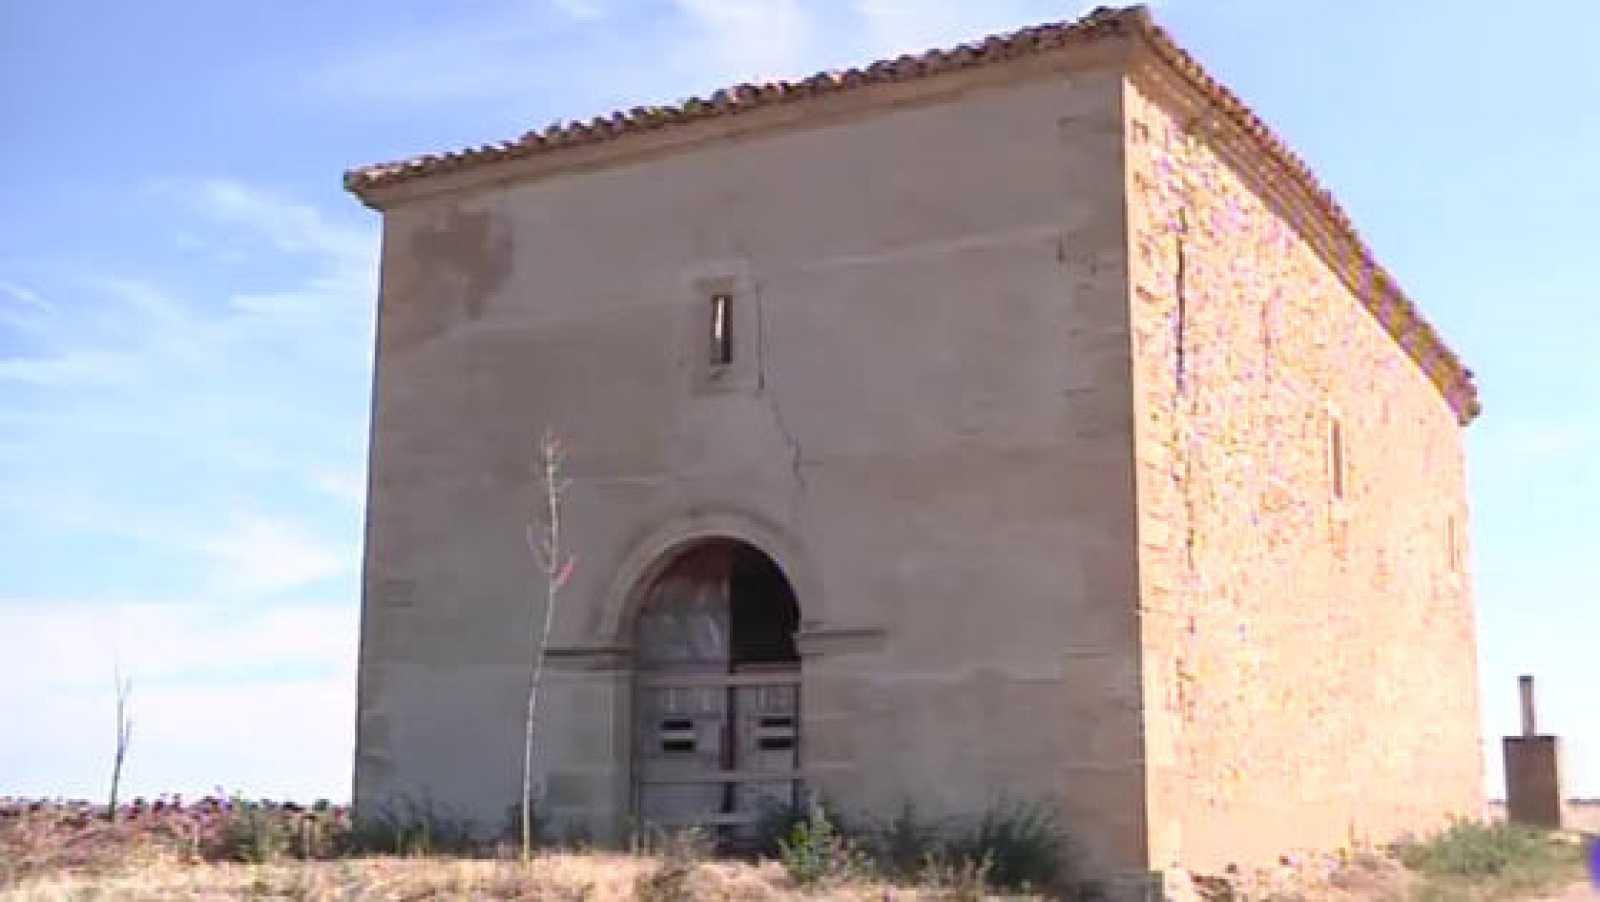 La ermita de La Soledad de Campillo de Dueñas entra en la Lista Roja del Patrimonio de Hispania Nostra